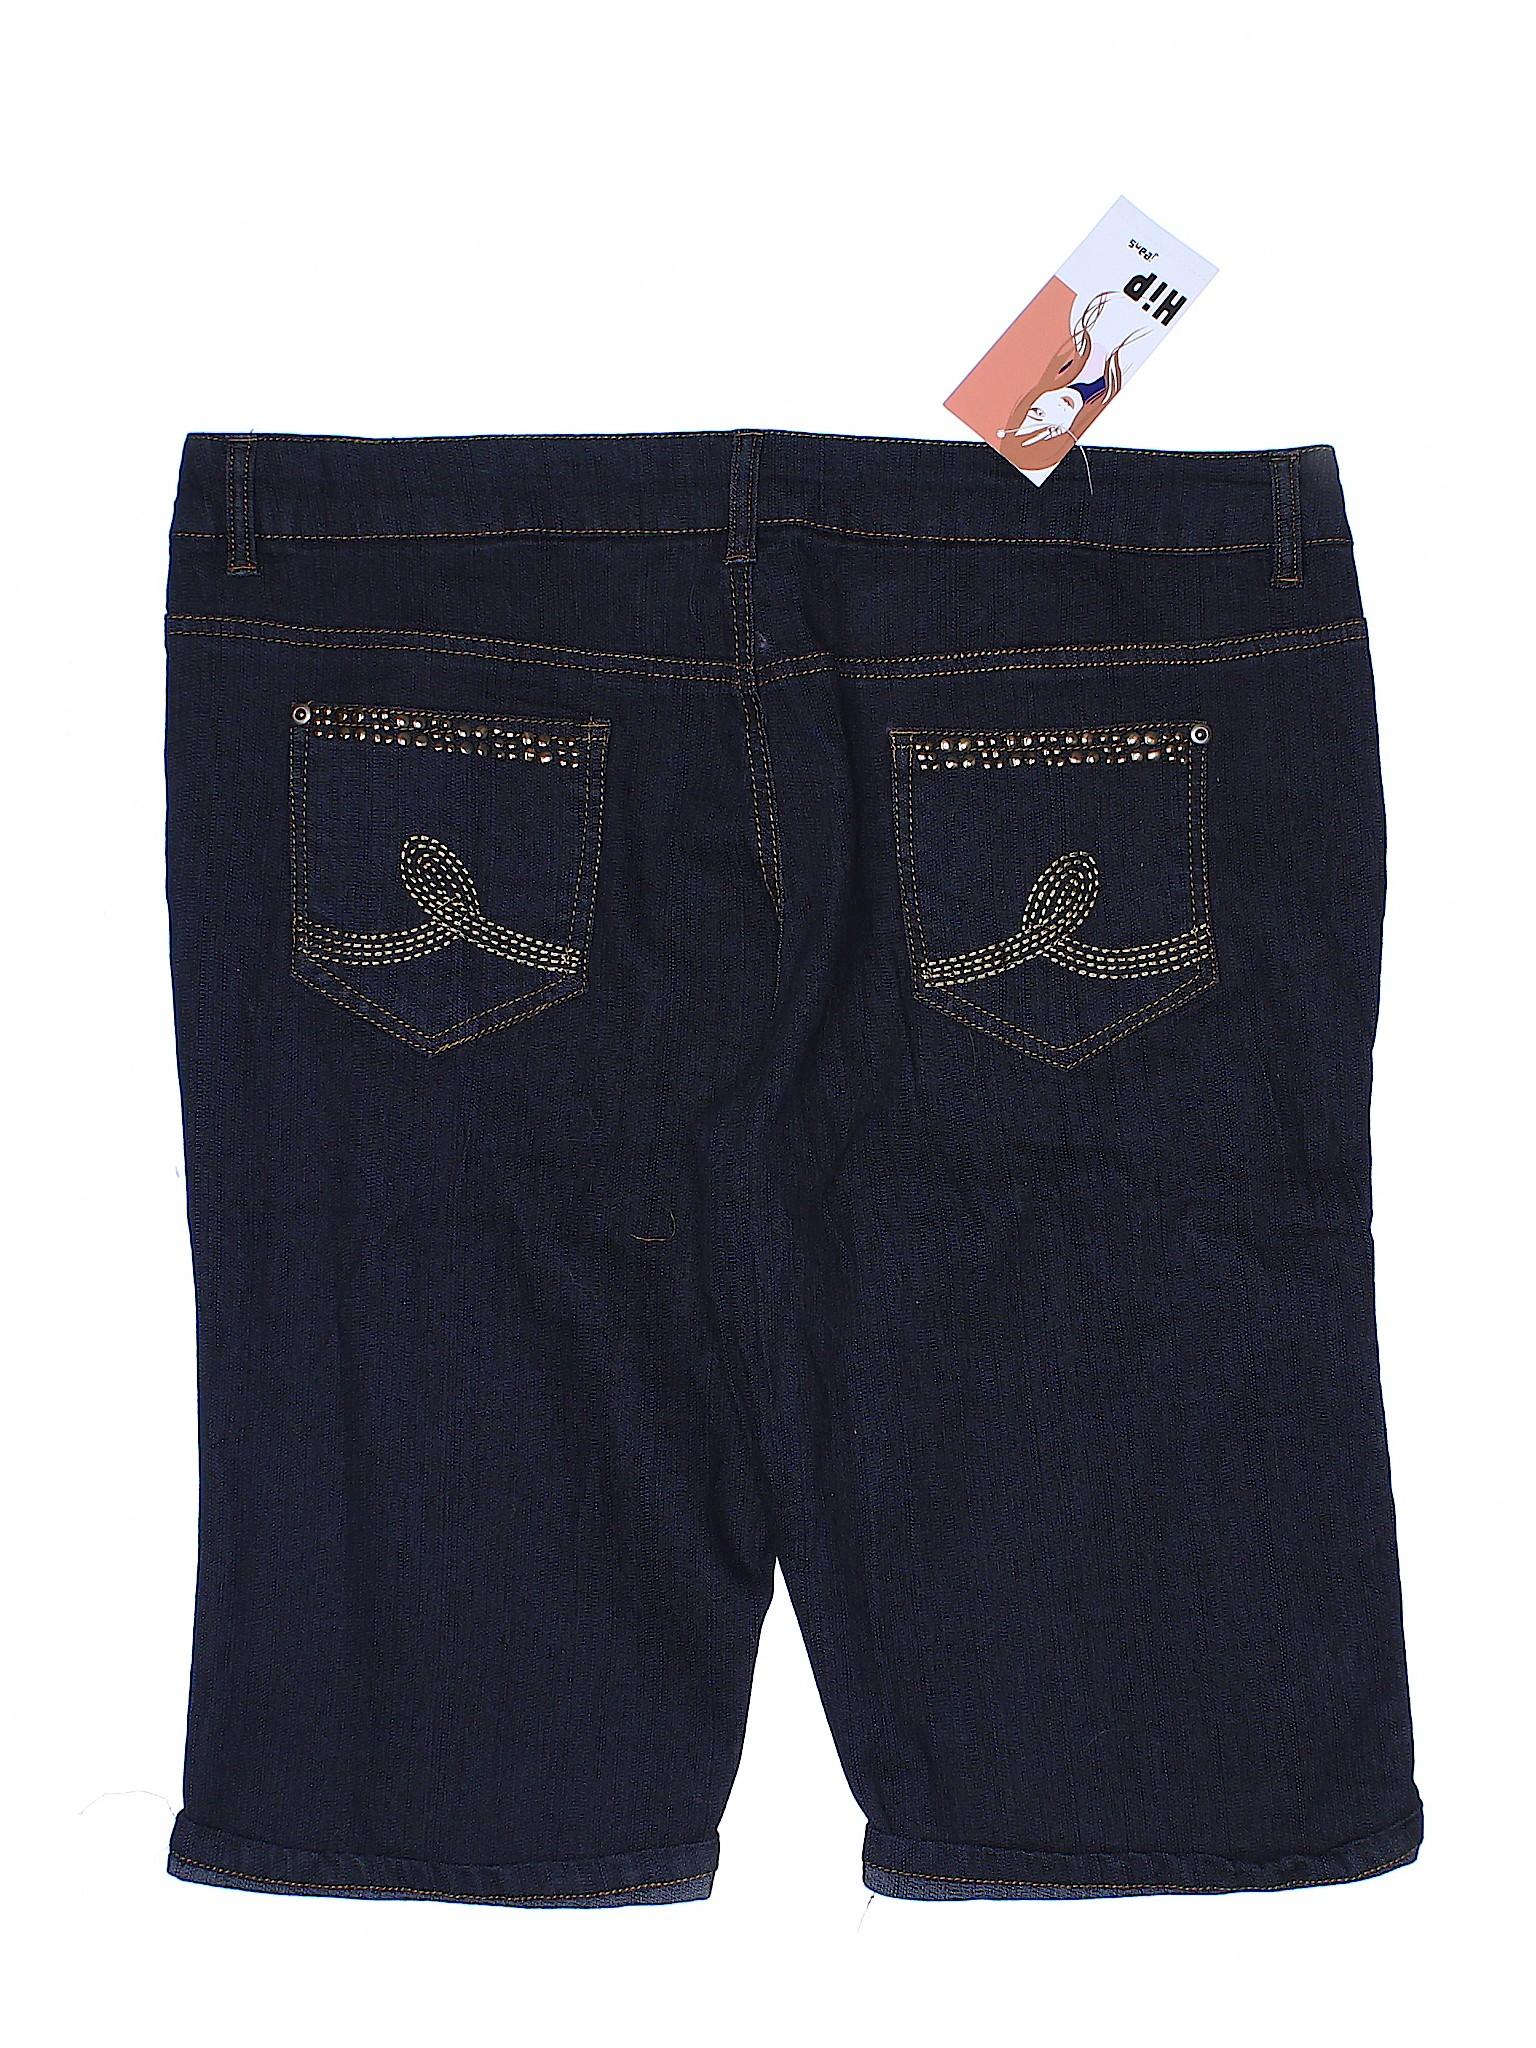 leisure Denim jeans Boutique HiP Shorts Htwndq